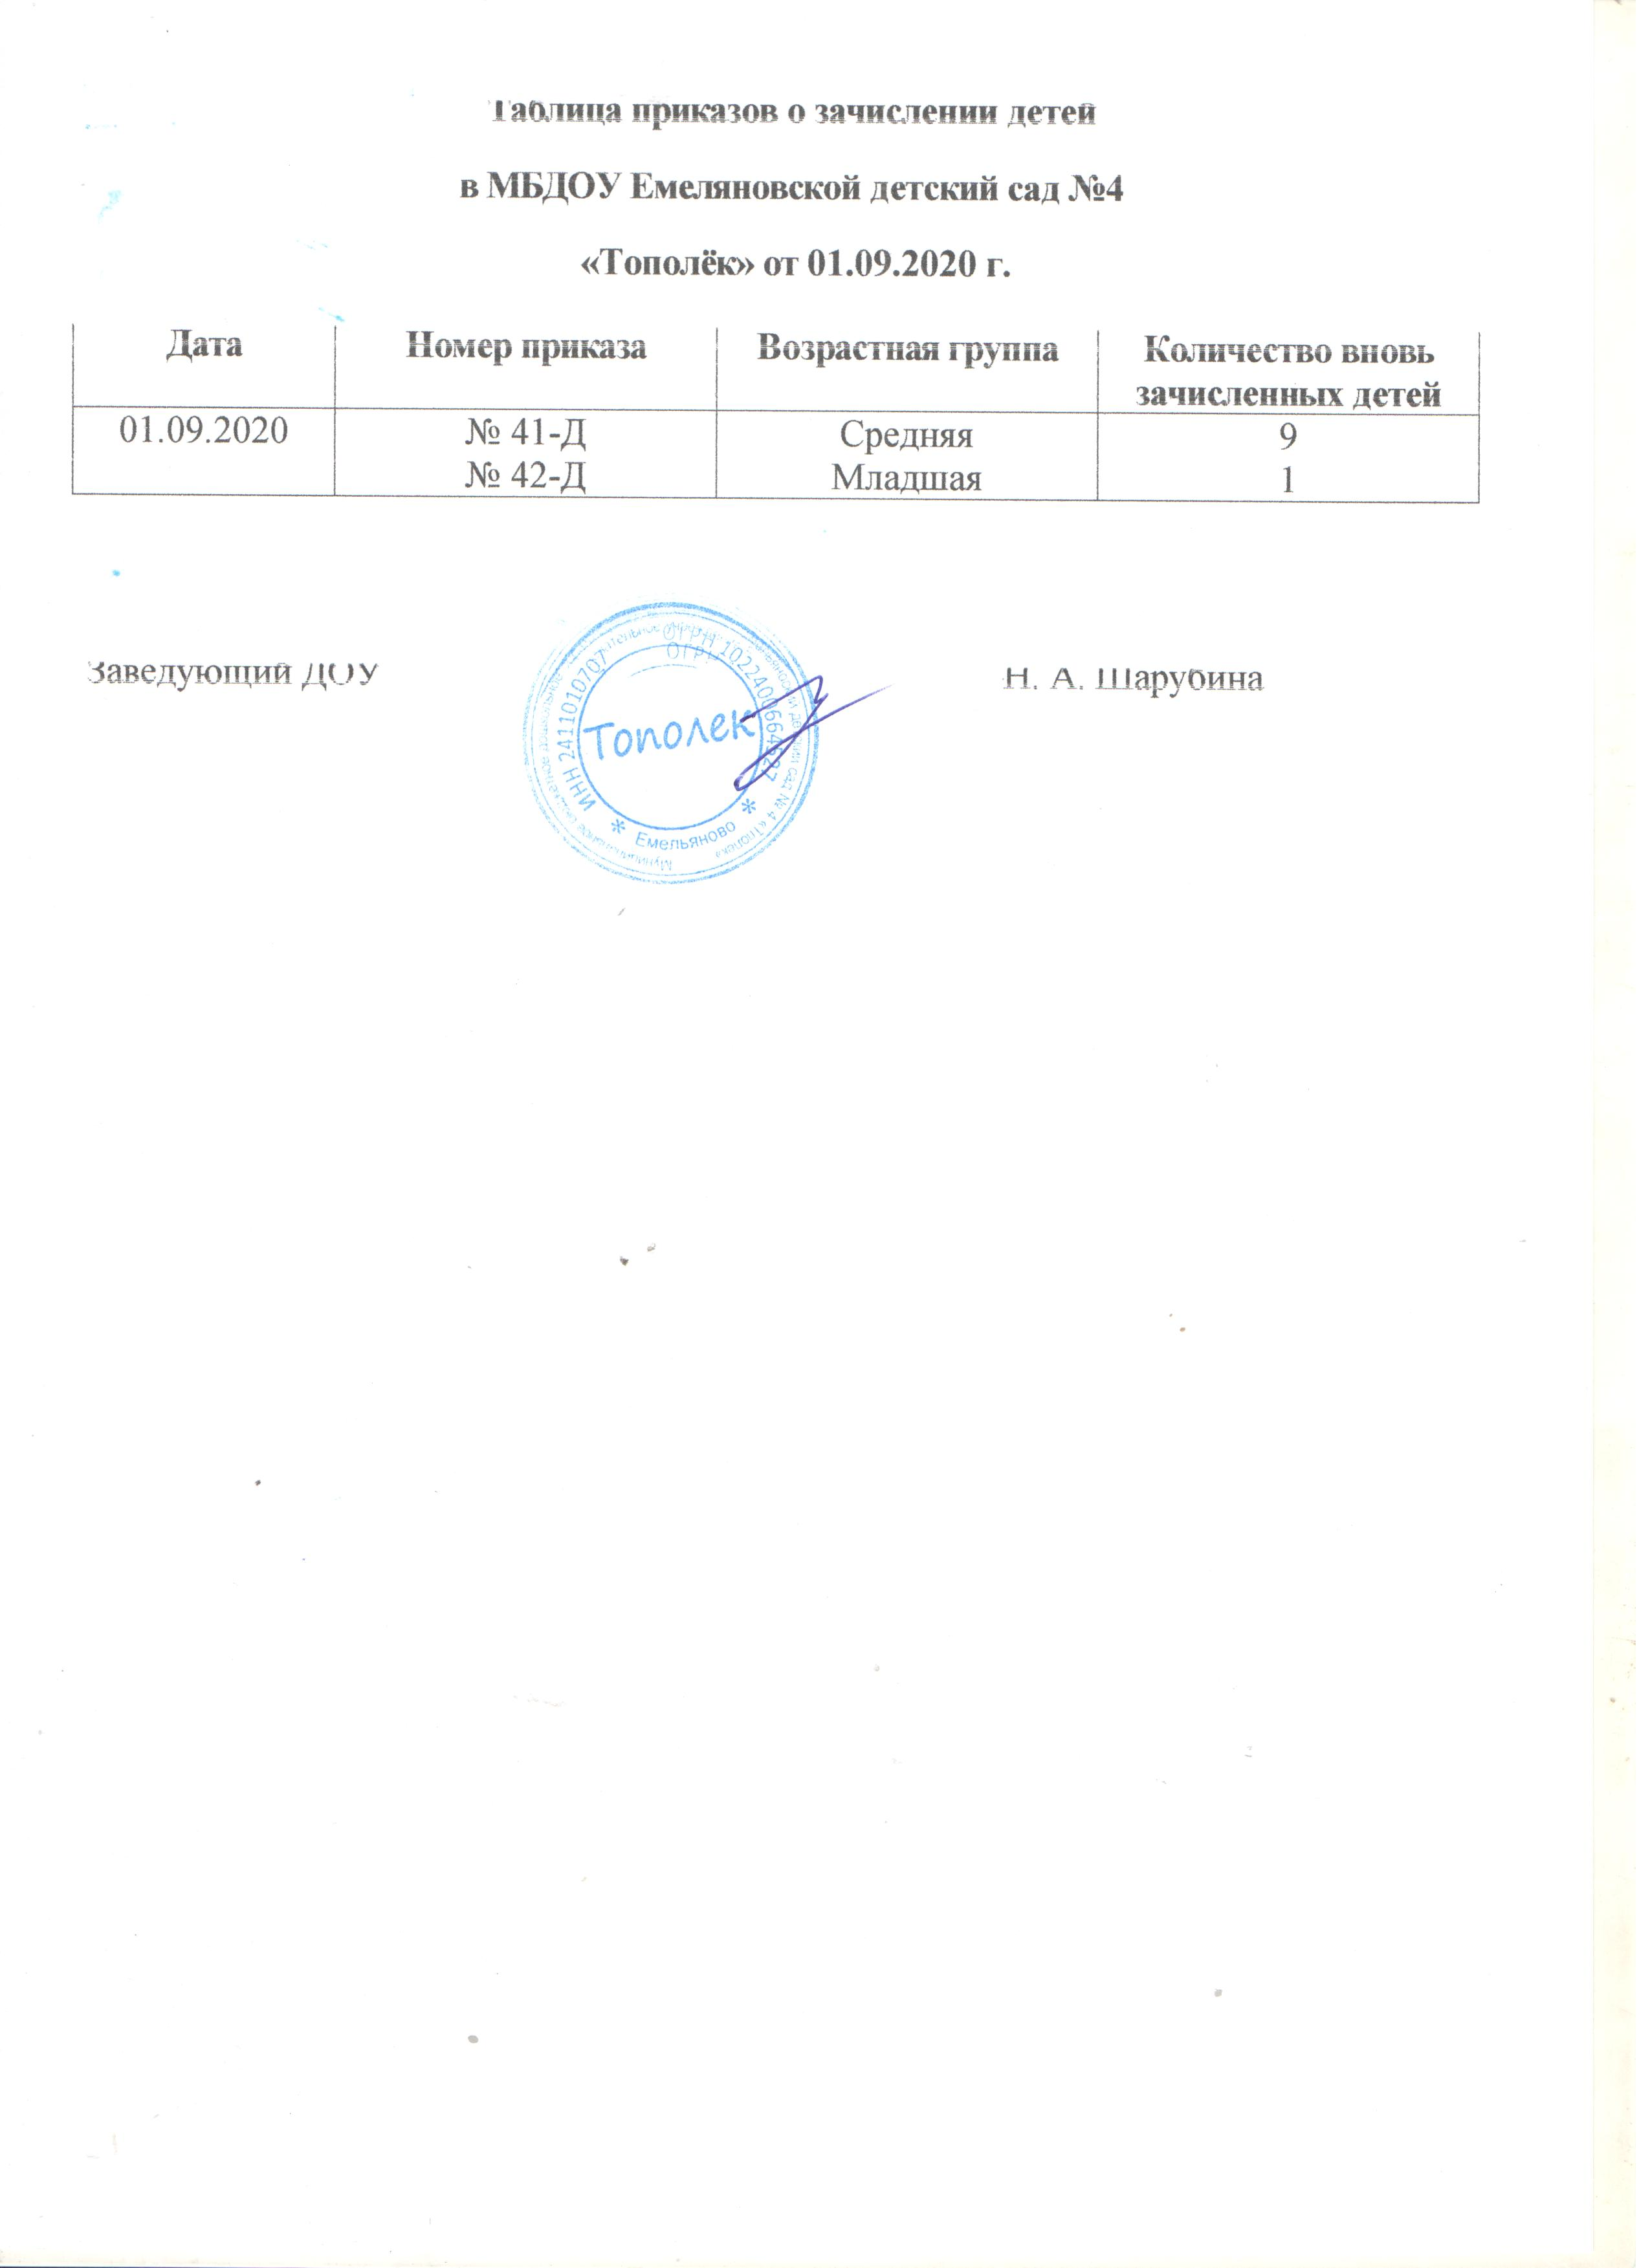 Таблица приказов о зачислении детей от 01.09.2020г